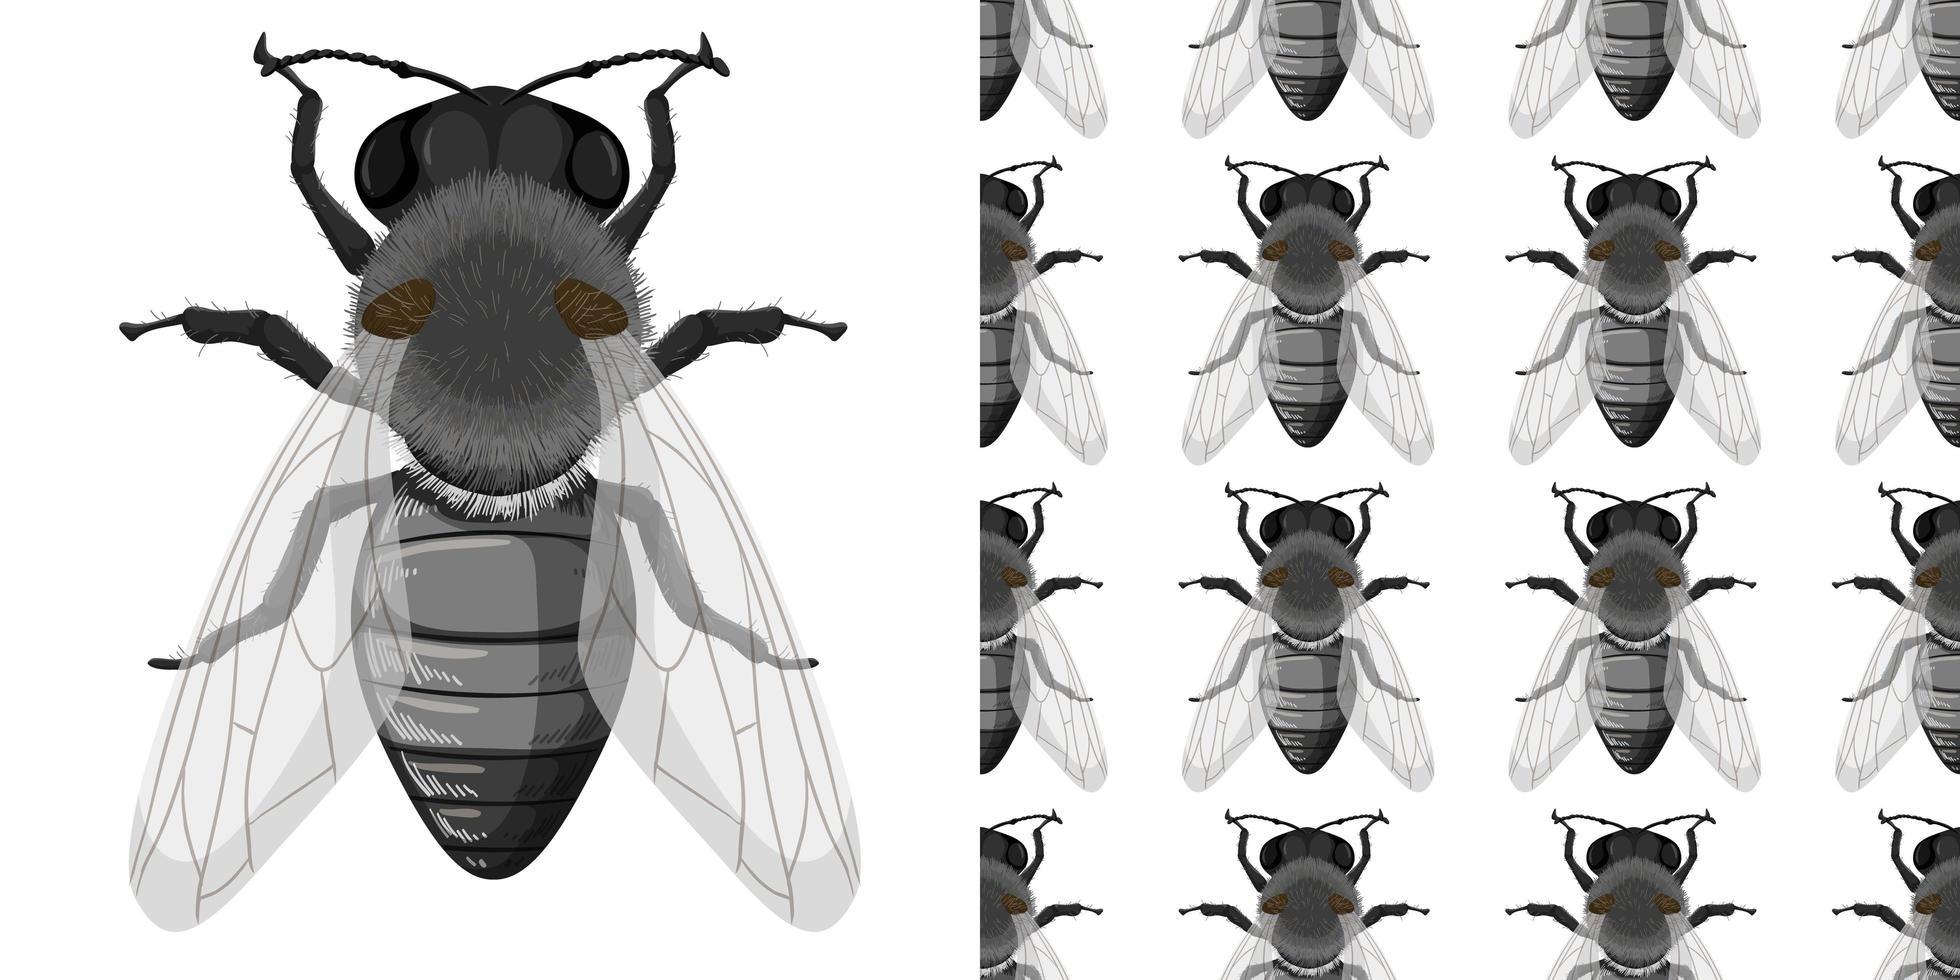 Fliegeninsekten isoliert auf weißem Hintergrund und nahtlos vektor